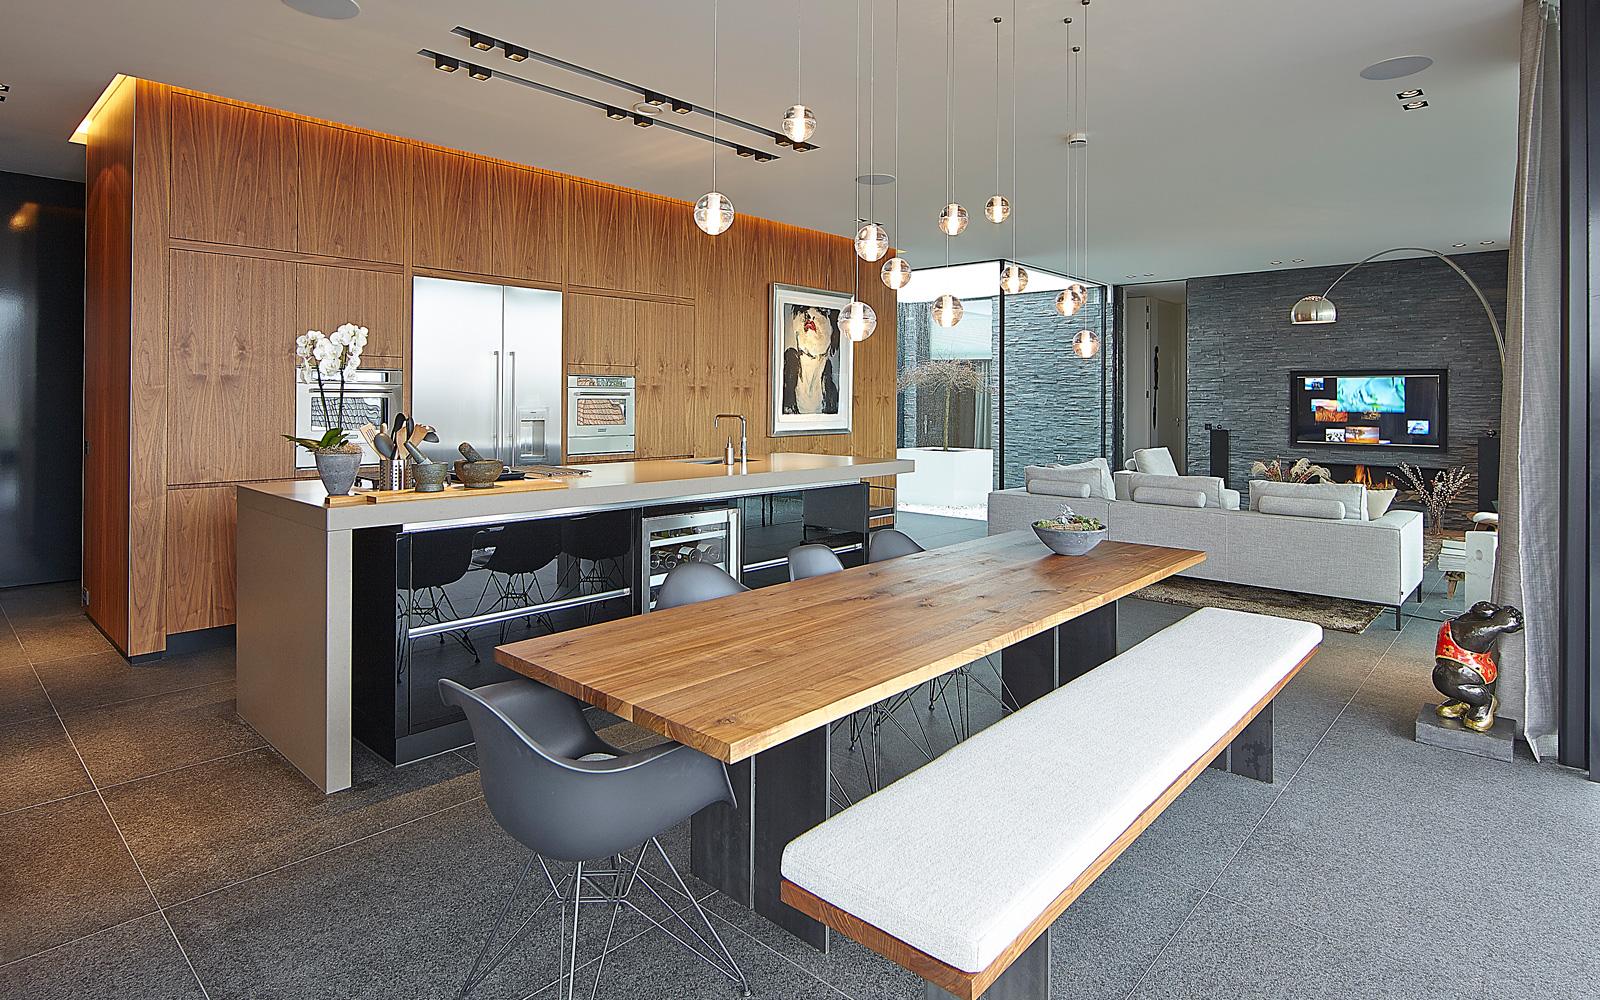 Keuken, Barletti Exclusieve keukens, maatwerk, hout, natuurlijke materialen, Powerhouse Company